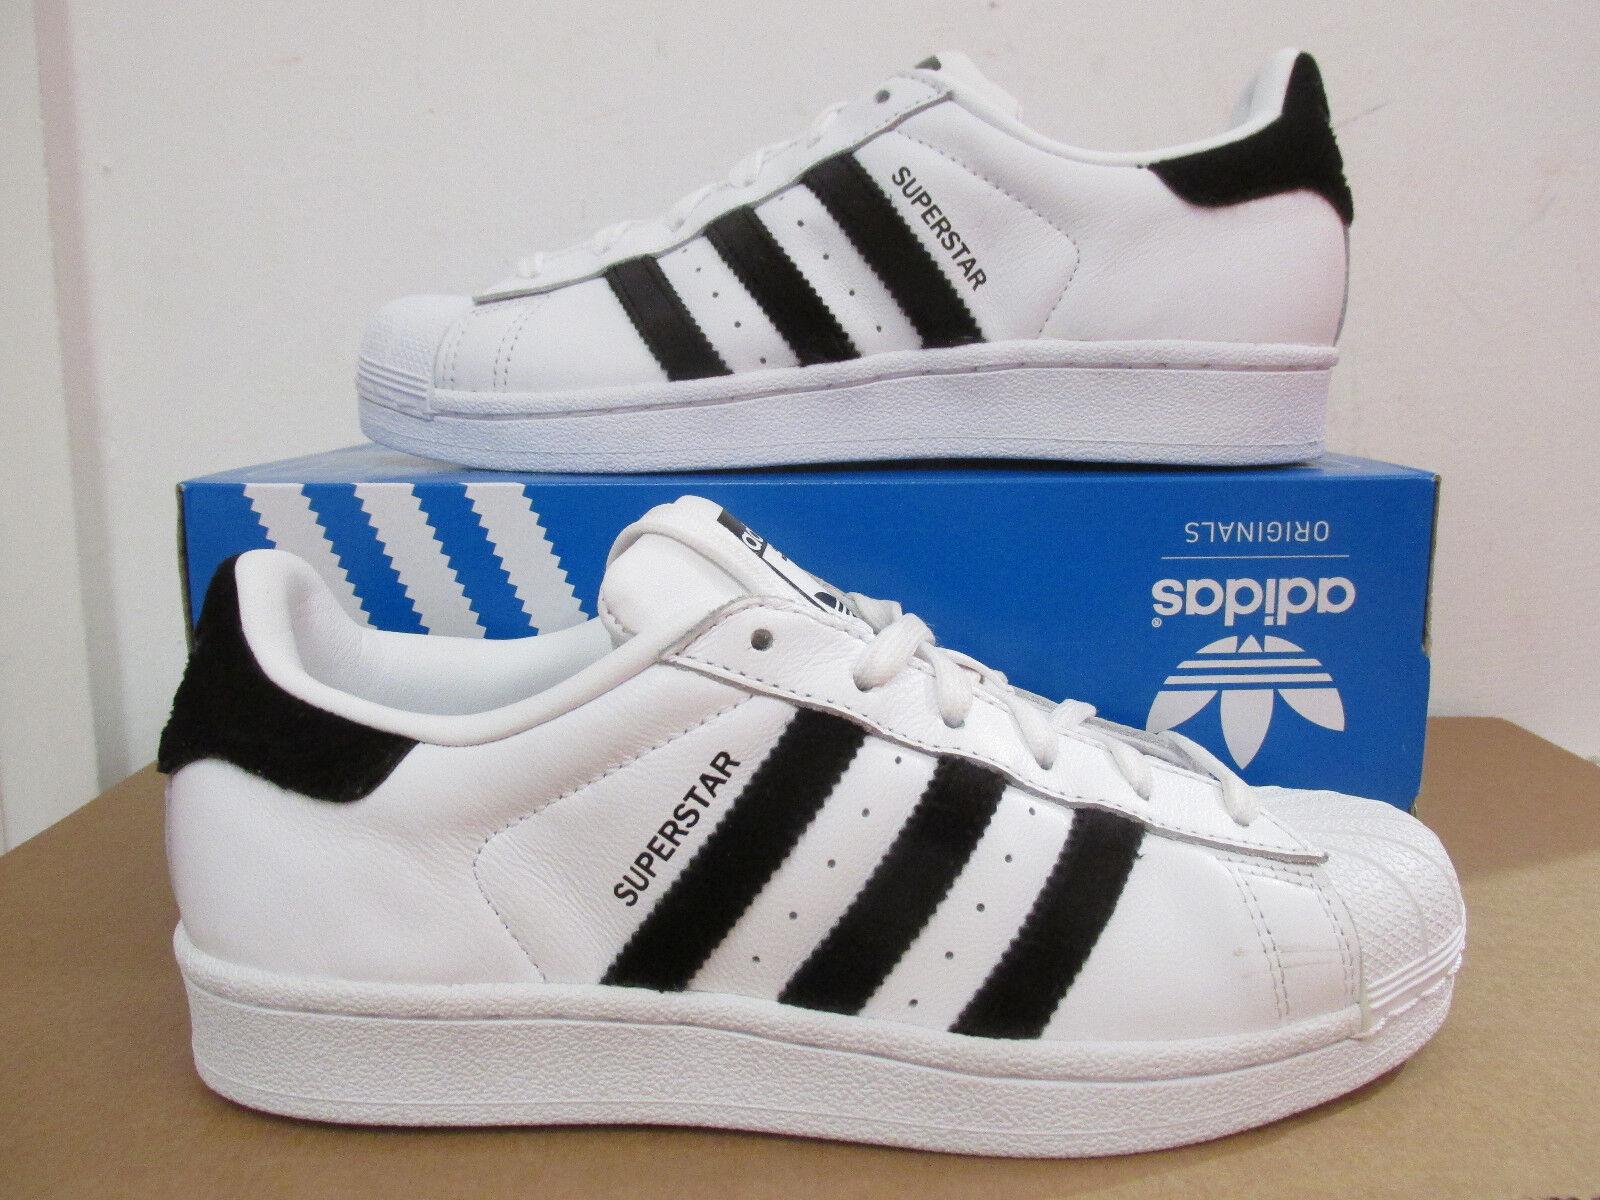 Adidas Originali Superstar da Donna Tennis Scarpe Ginnastica BB2990 Tennis Donna Svendita 4e05ff